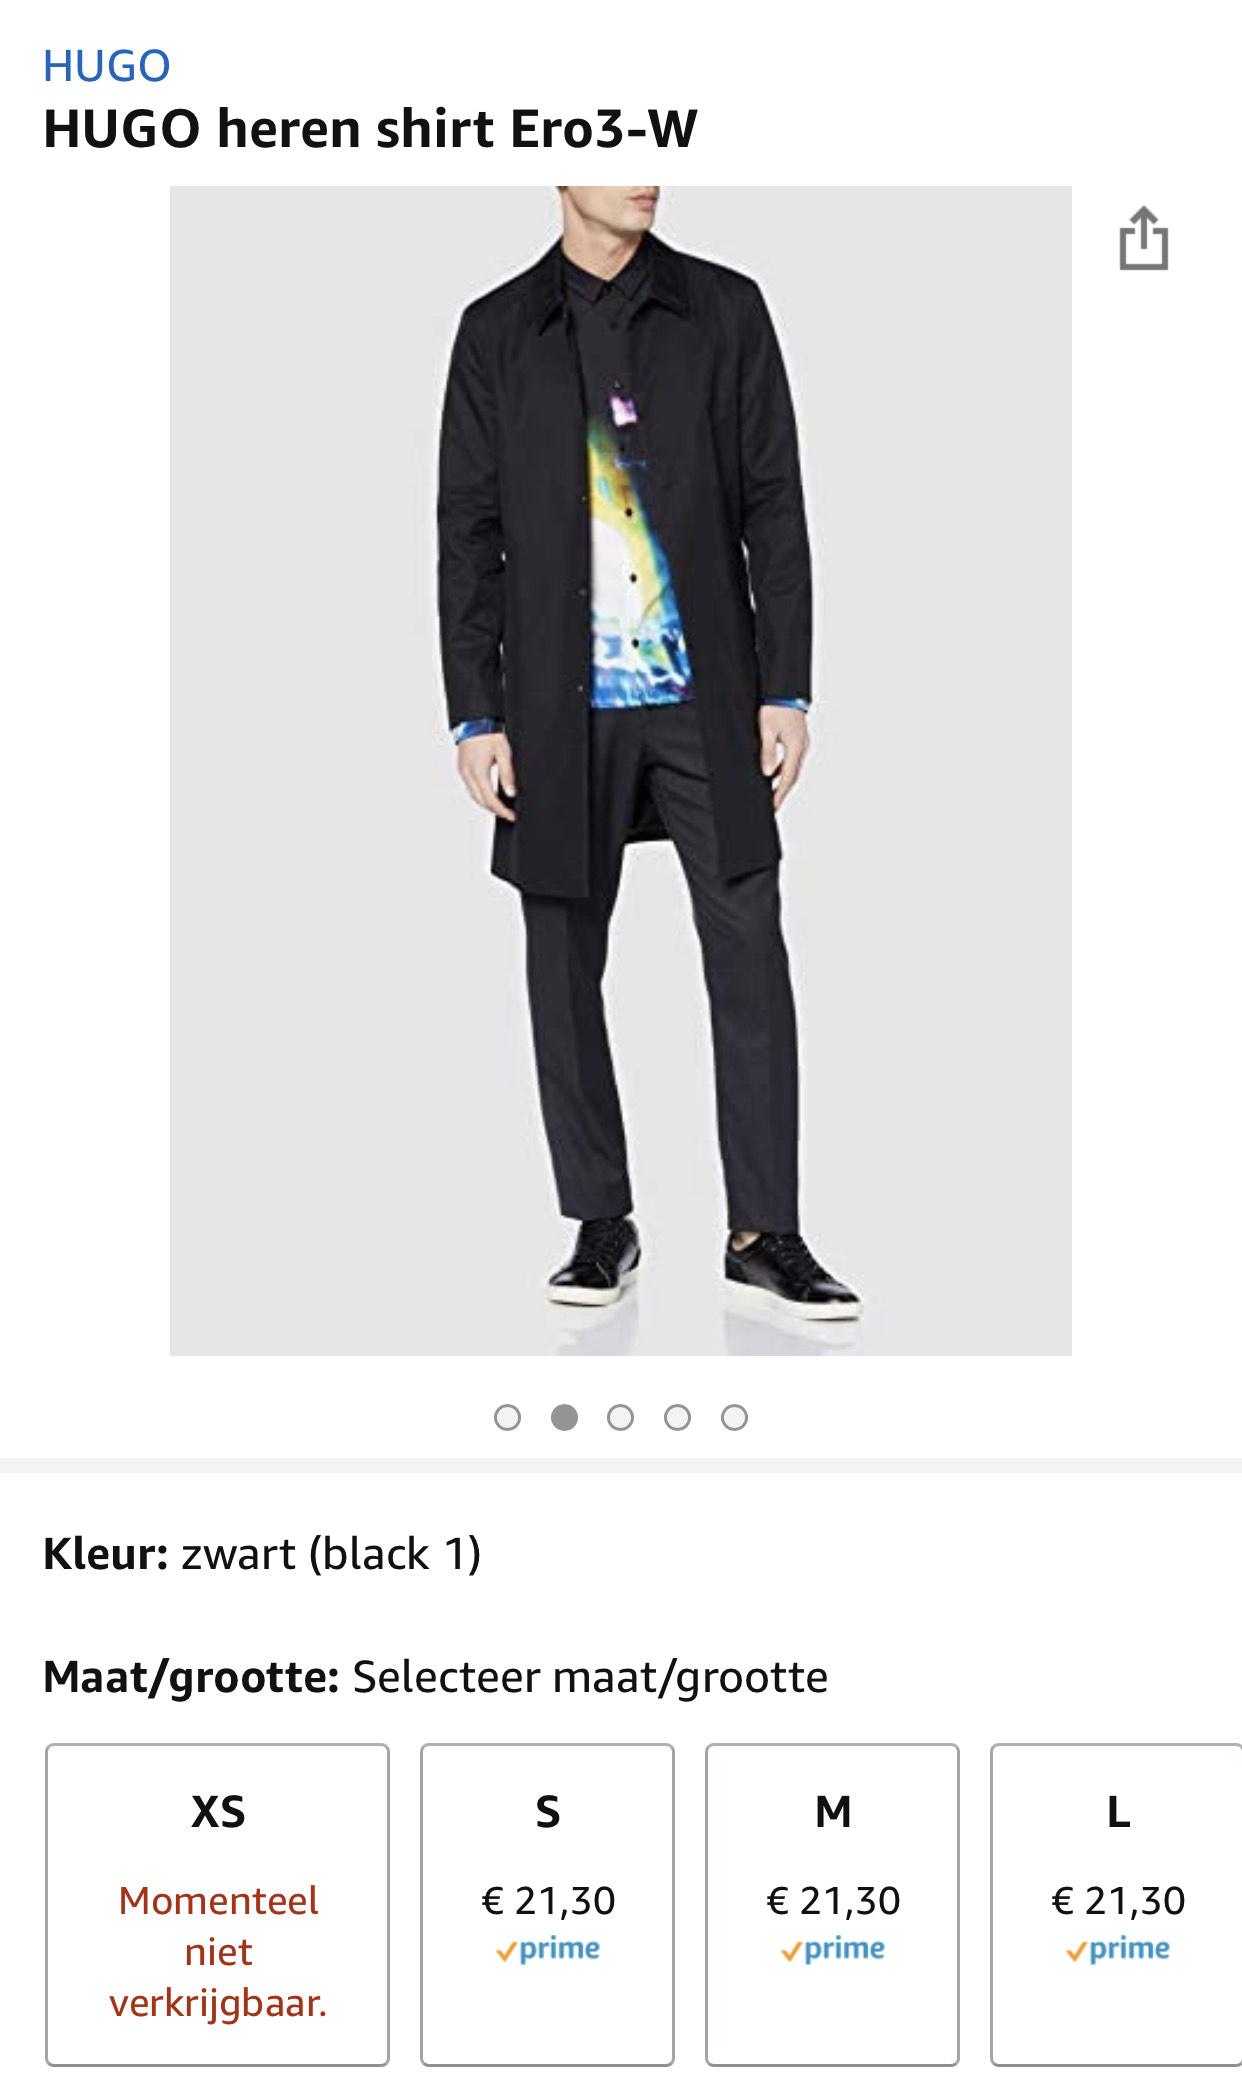 HUGO heren shirt Ero3-W voor €21,30